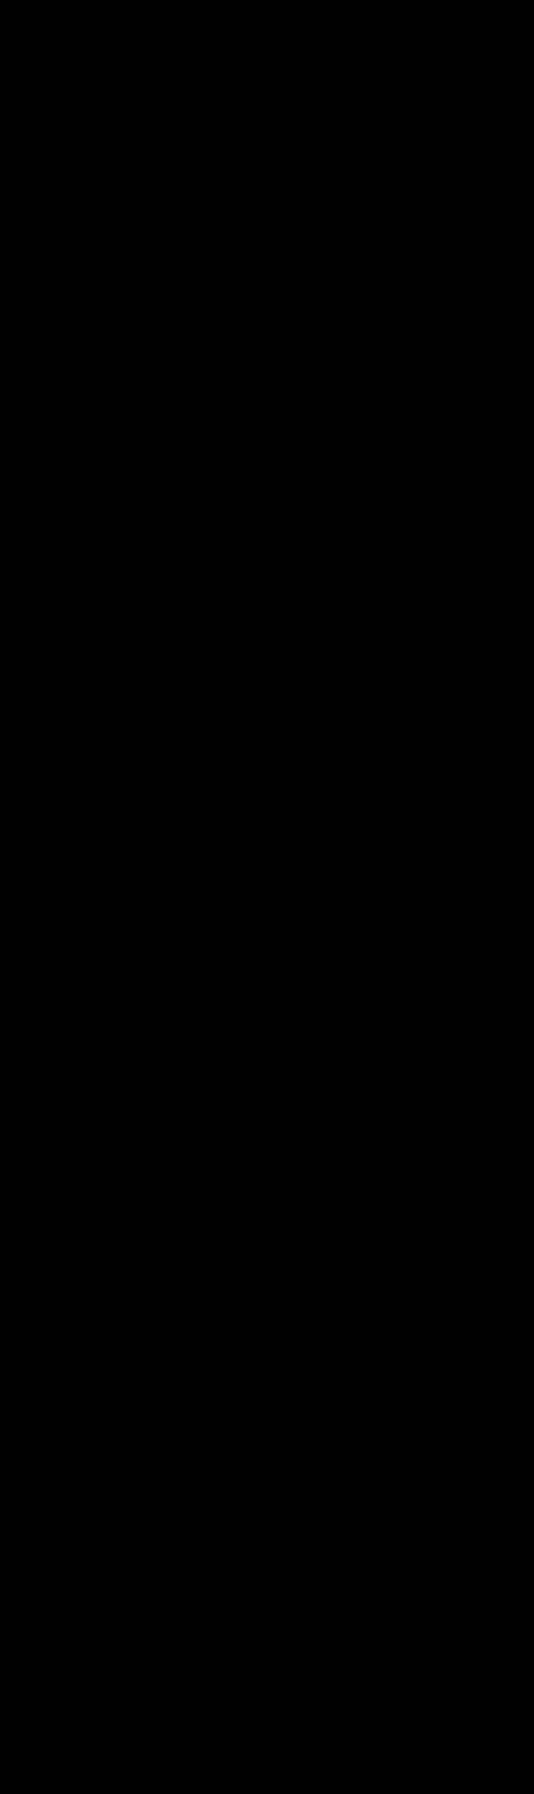 คอร์ดกีต้าโปร่ง คอร์ดกีตาร์พื้นฐาน เพลง Sa(d)turday (Demo Ver.)